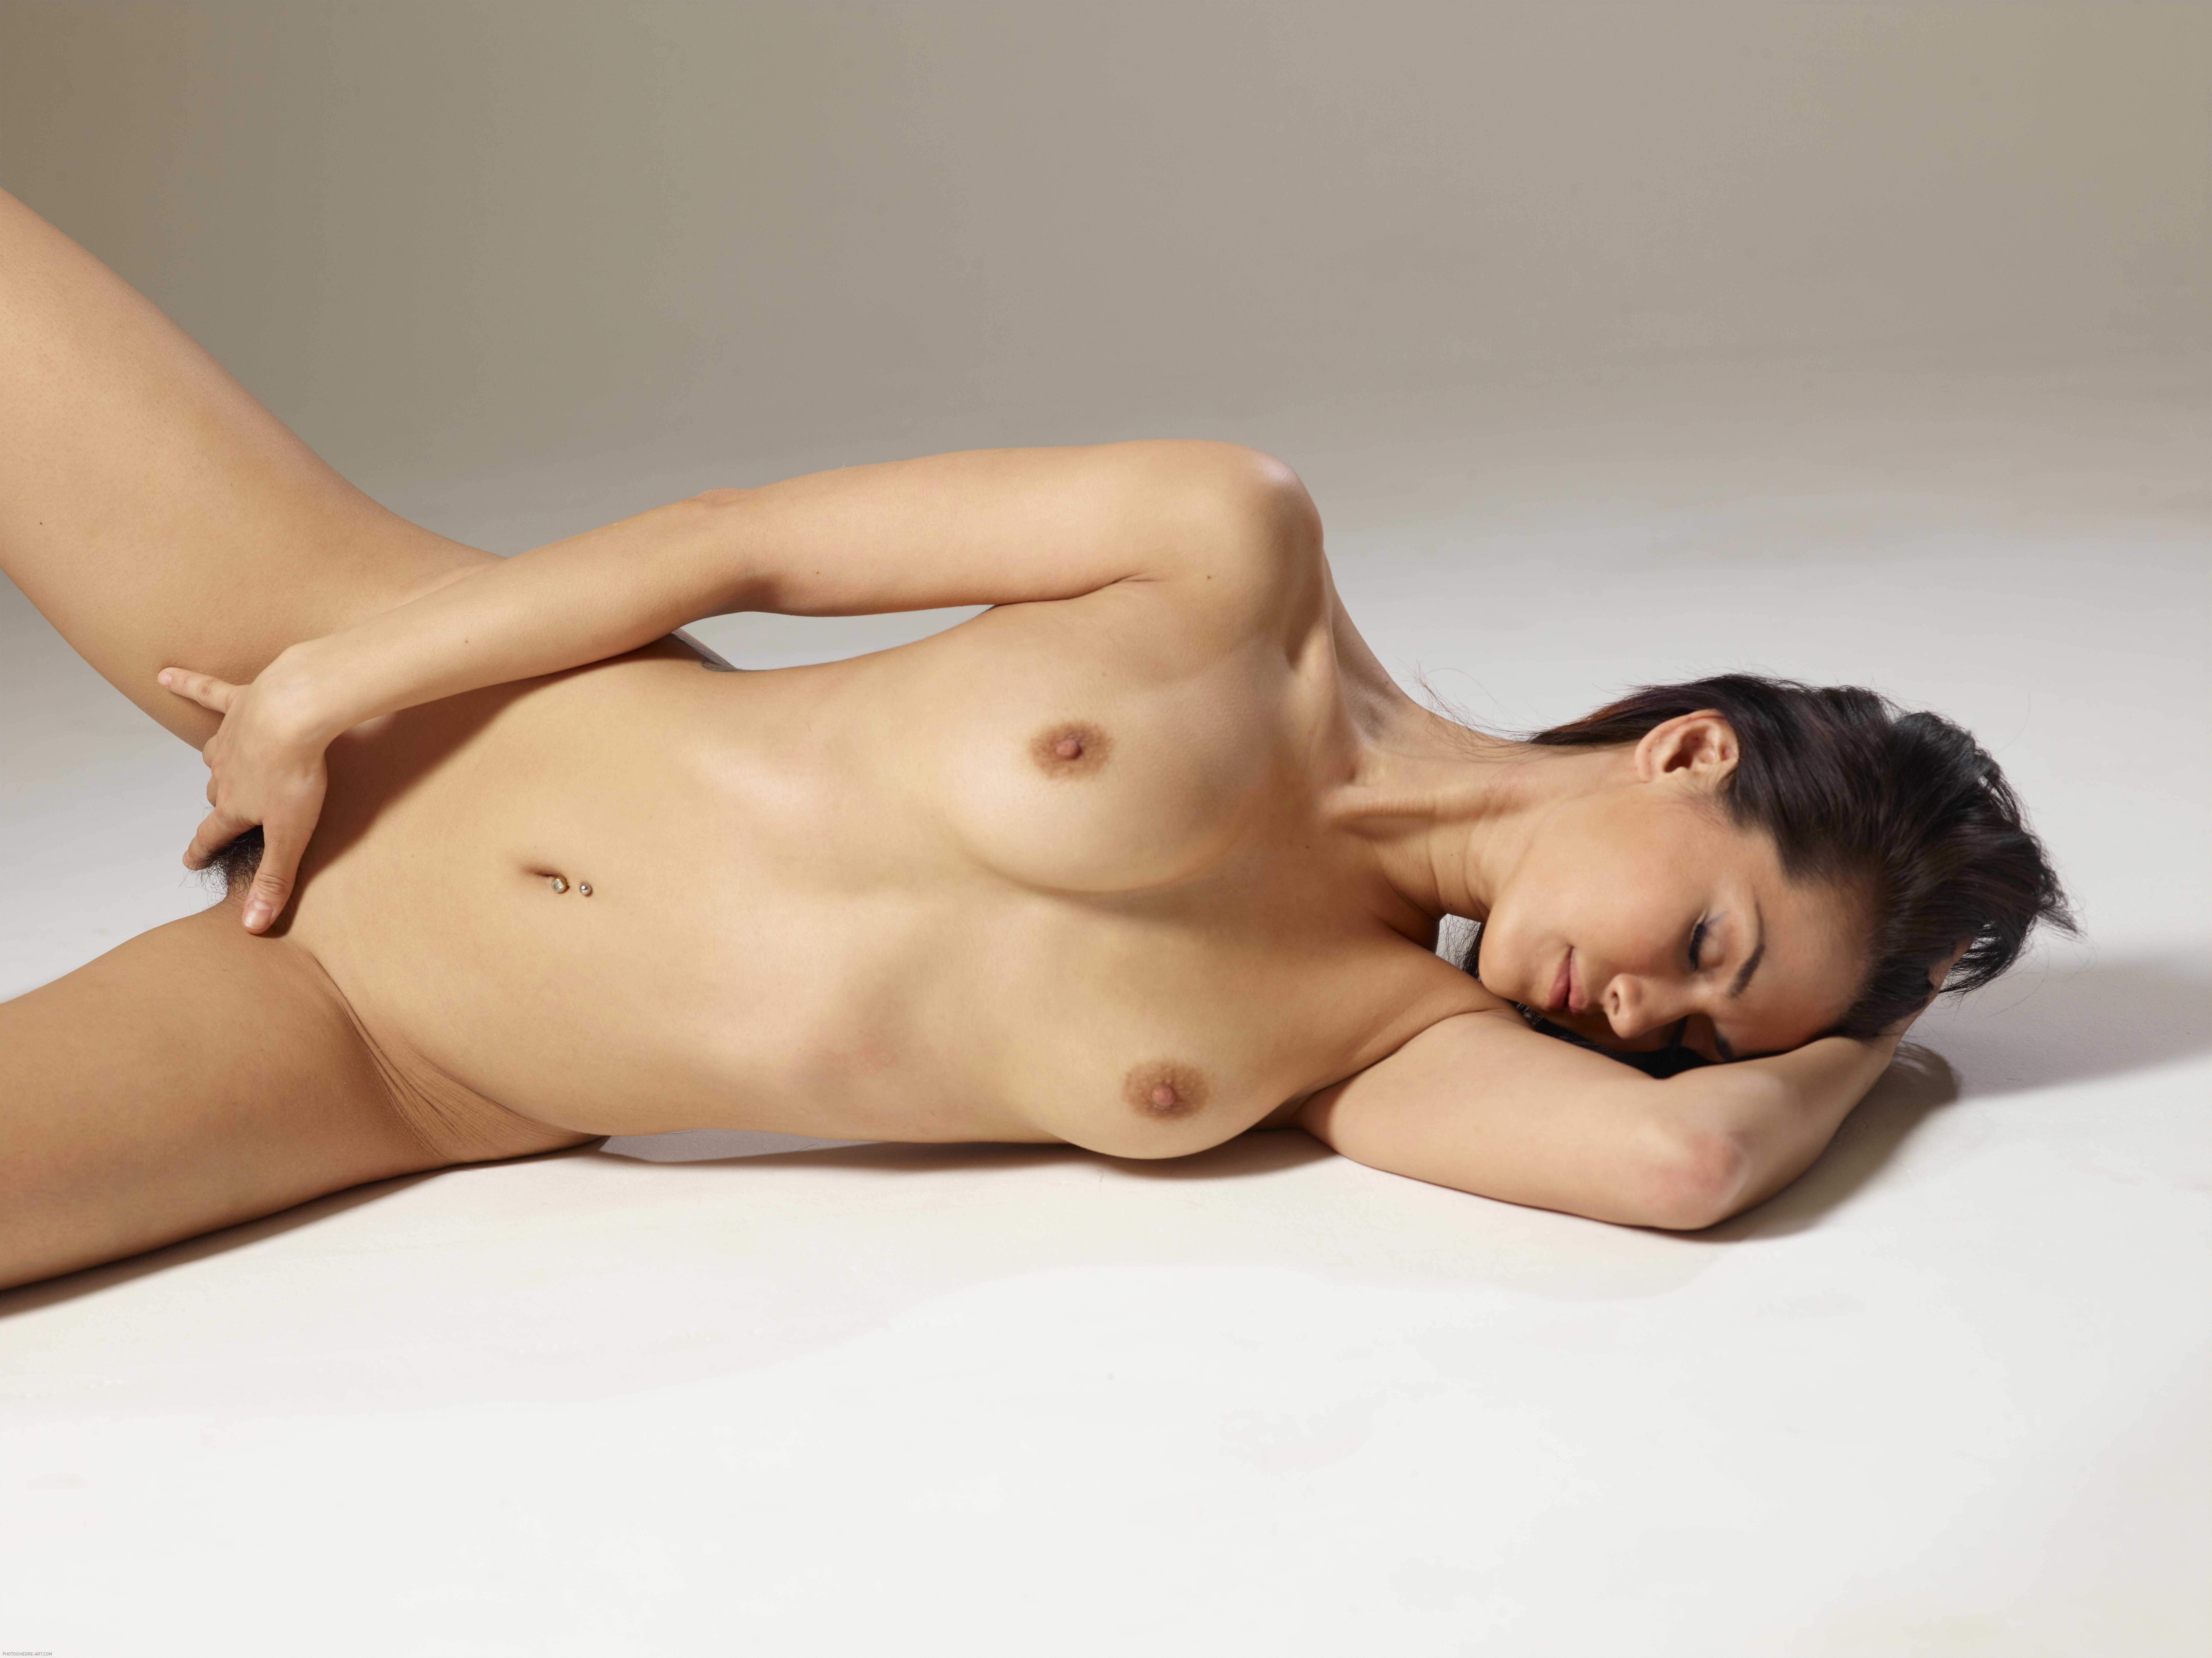 Maria ozawa free nude